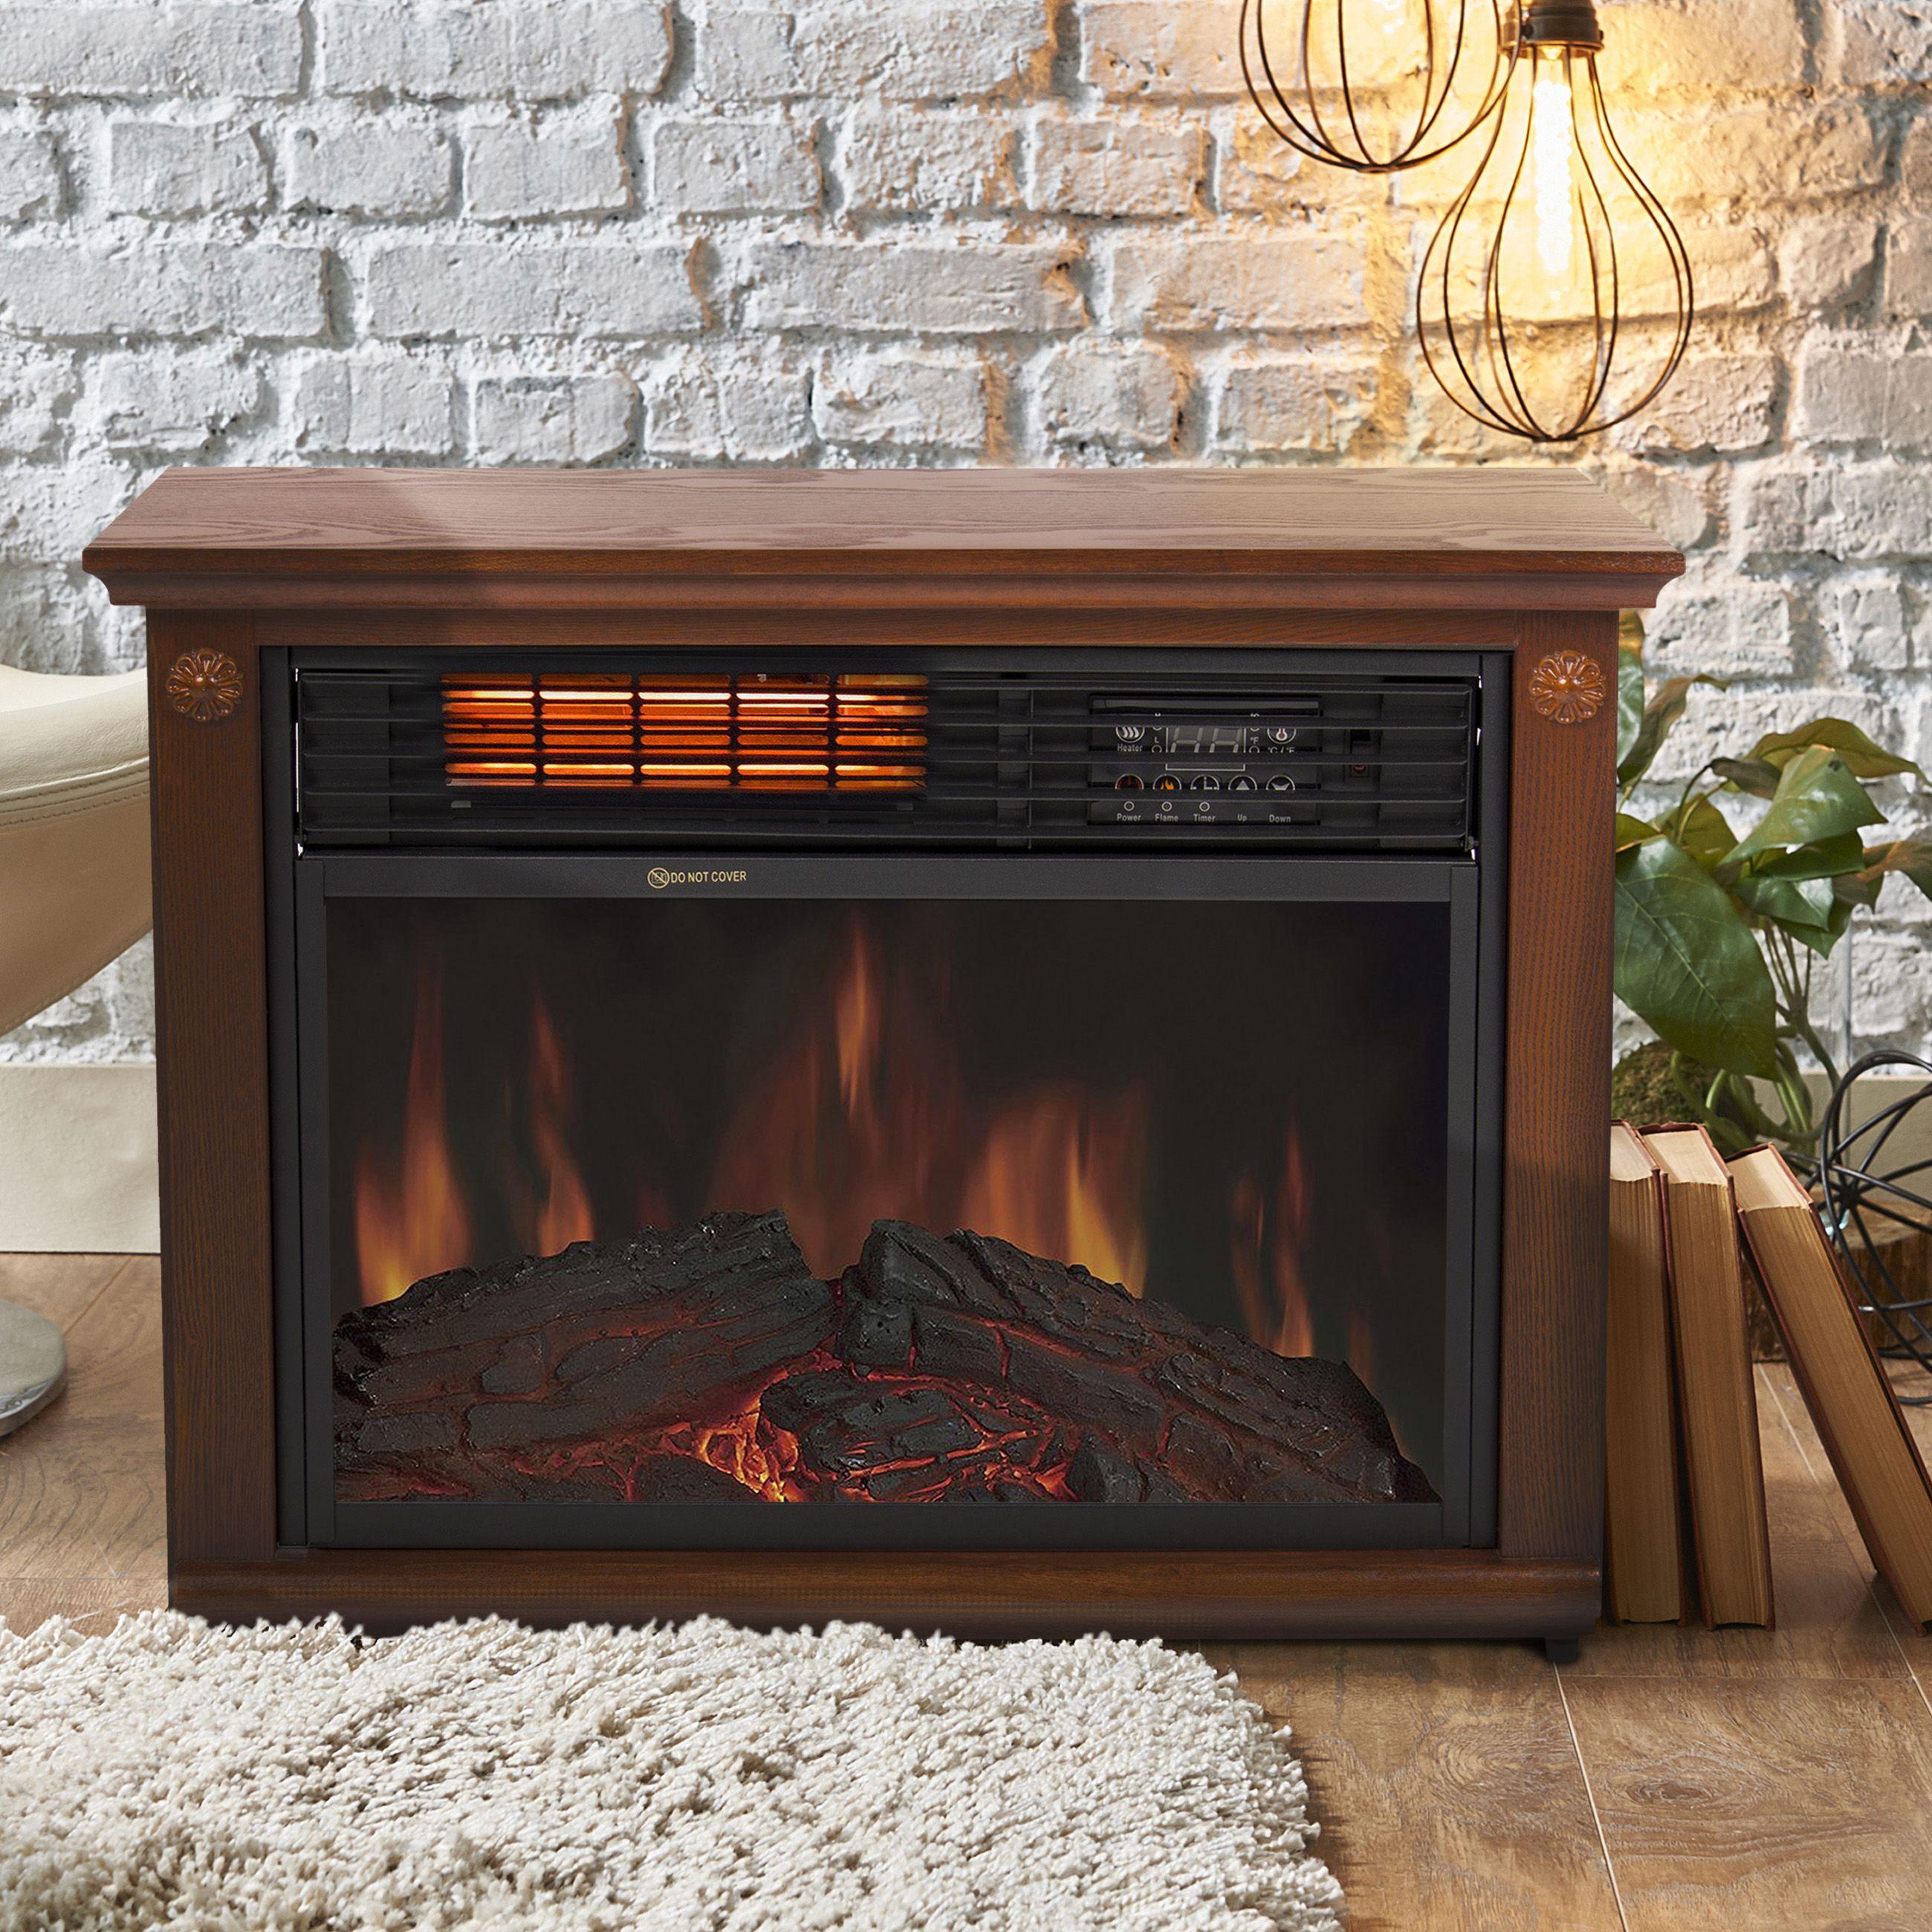 heizung kamin kamin kamin fireplace heater electric fireplace rh pinterest com